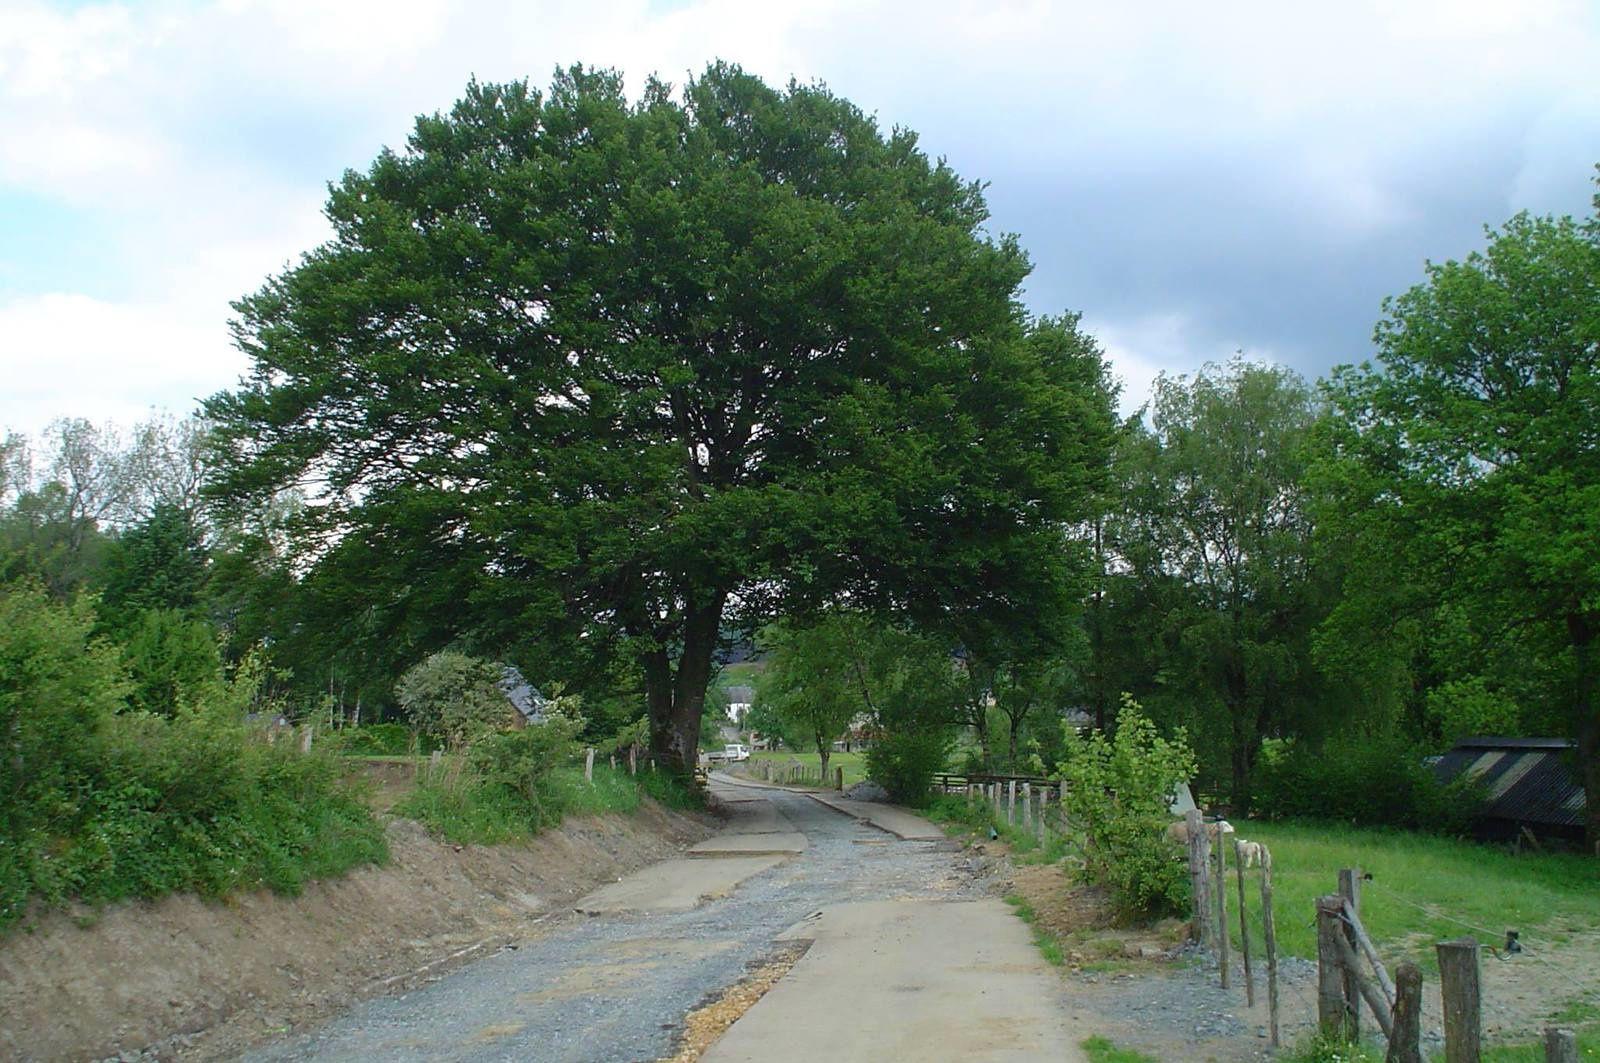 Voici l'arbre qui vient de disparaître